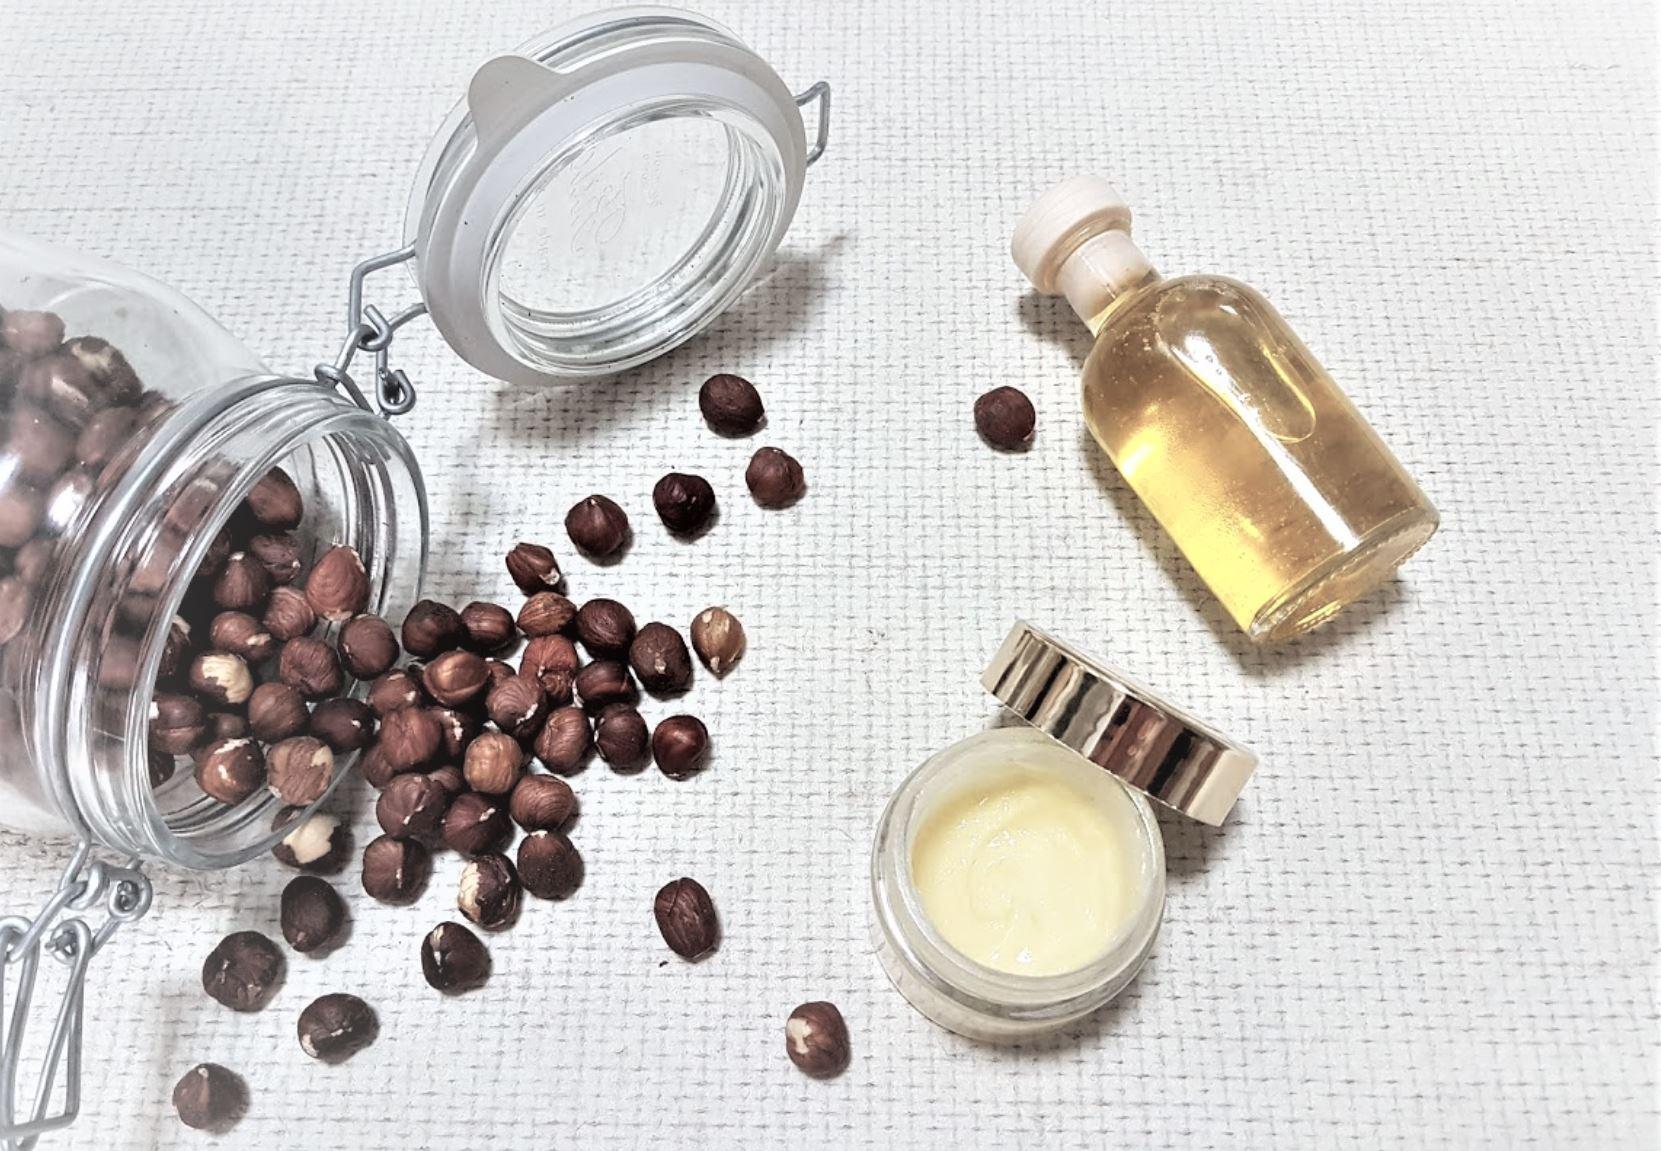 crème visage ingrédients français huile recette noisettes